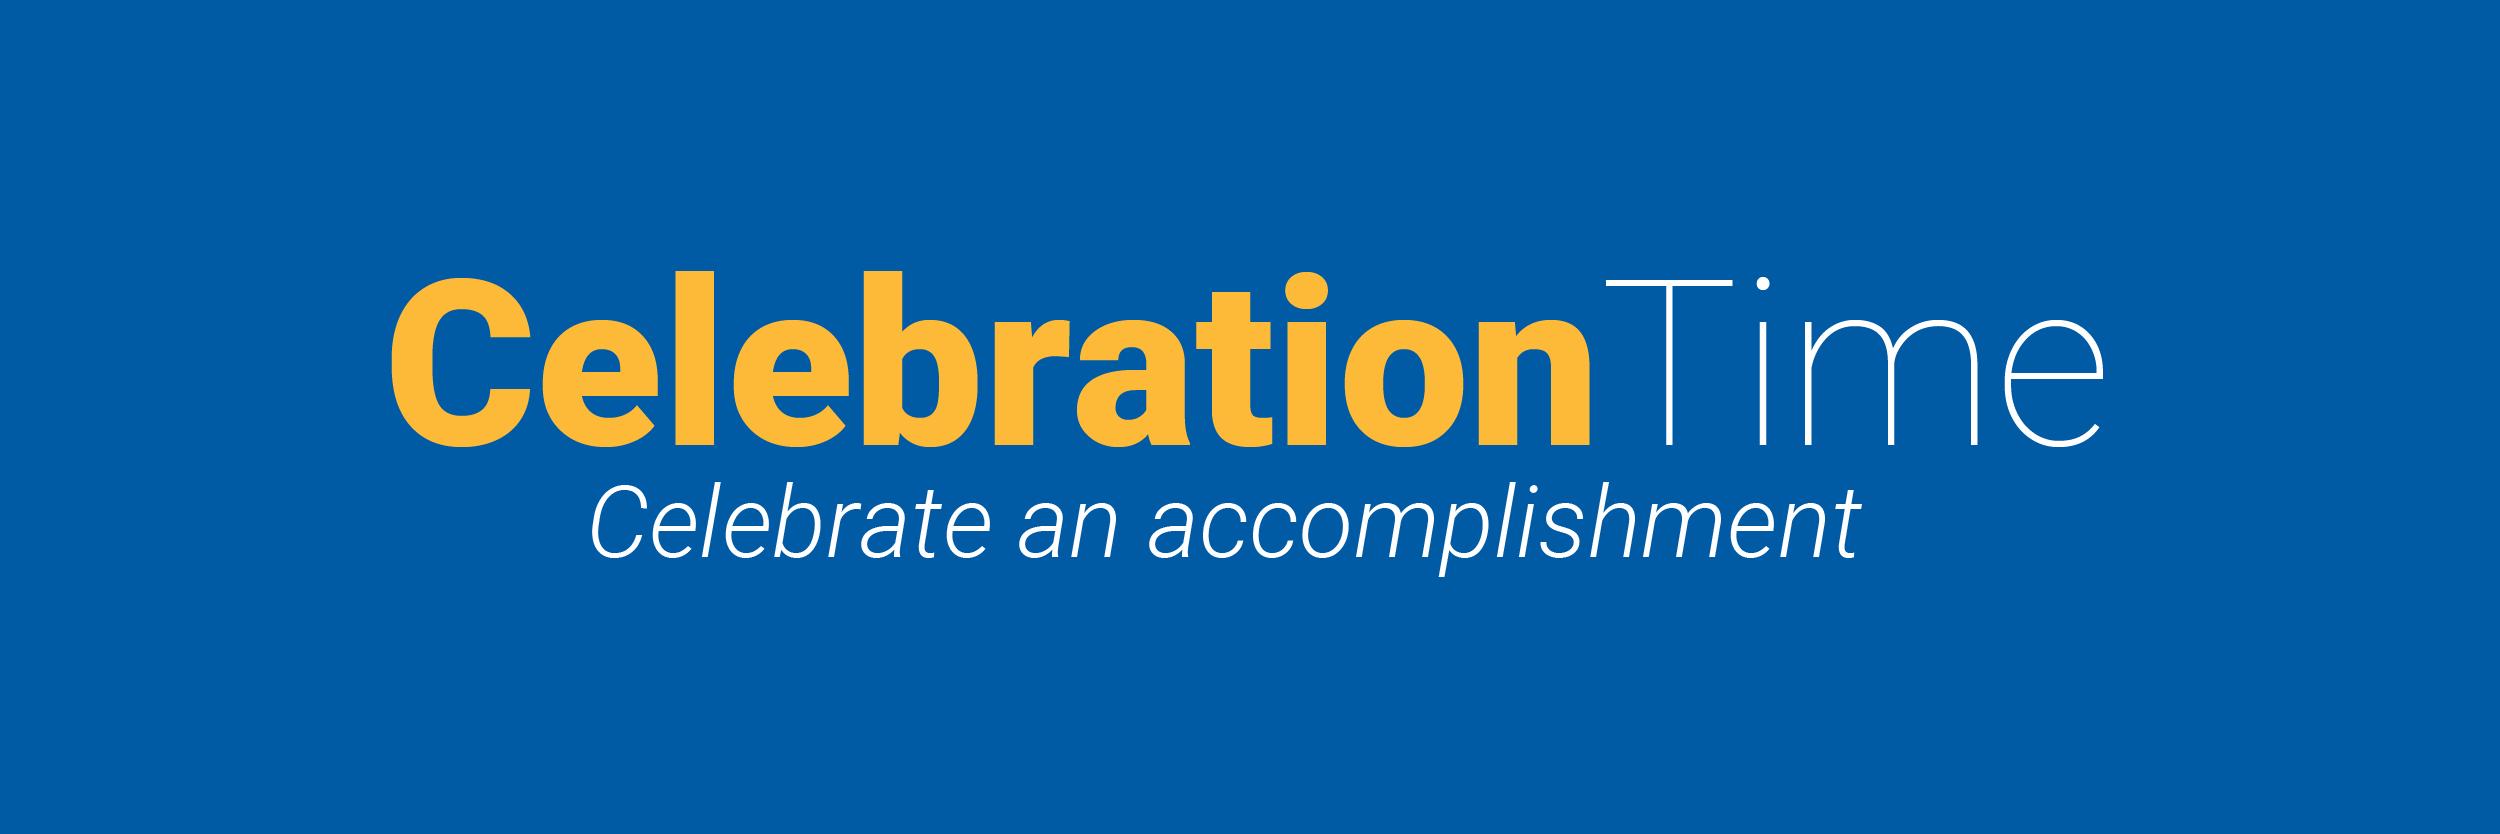 Celebration Time-01